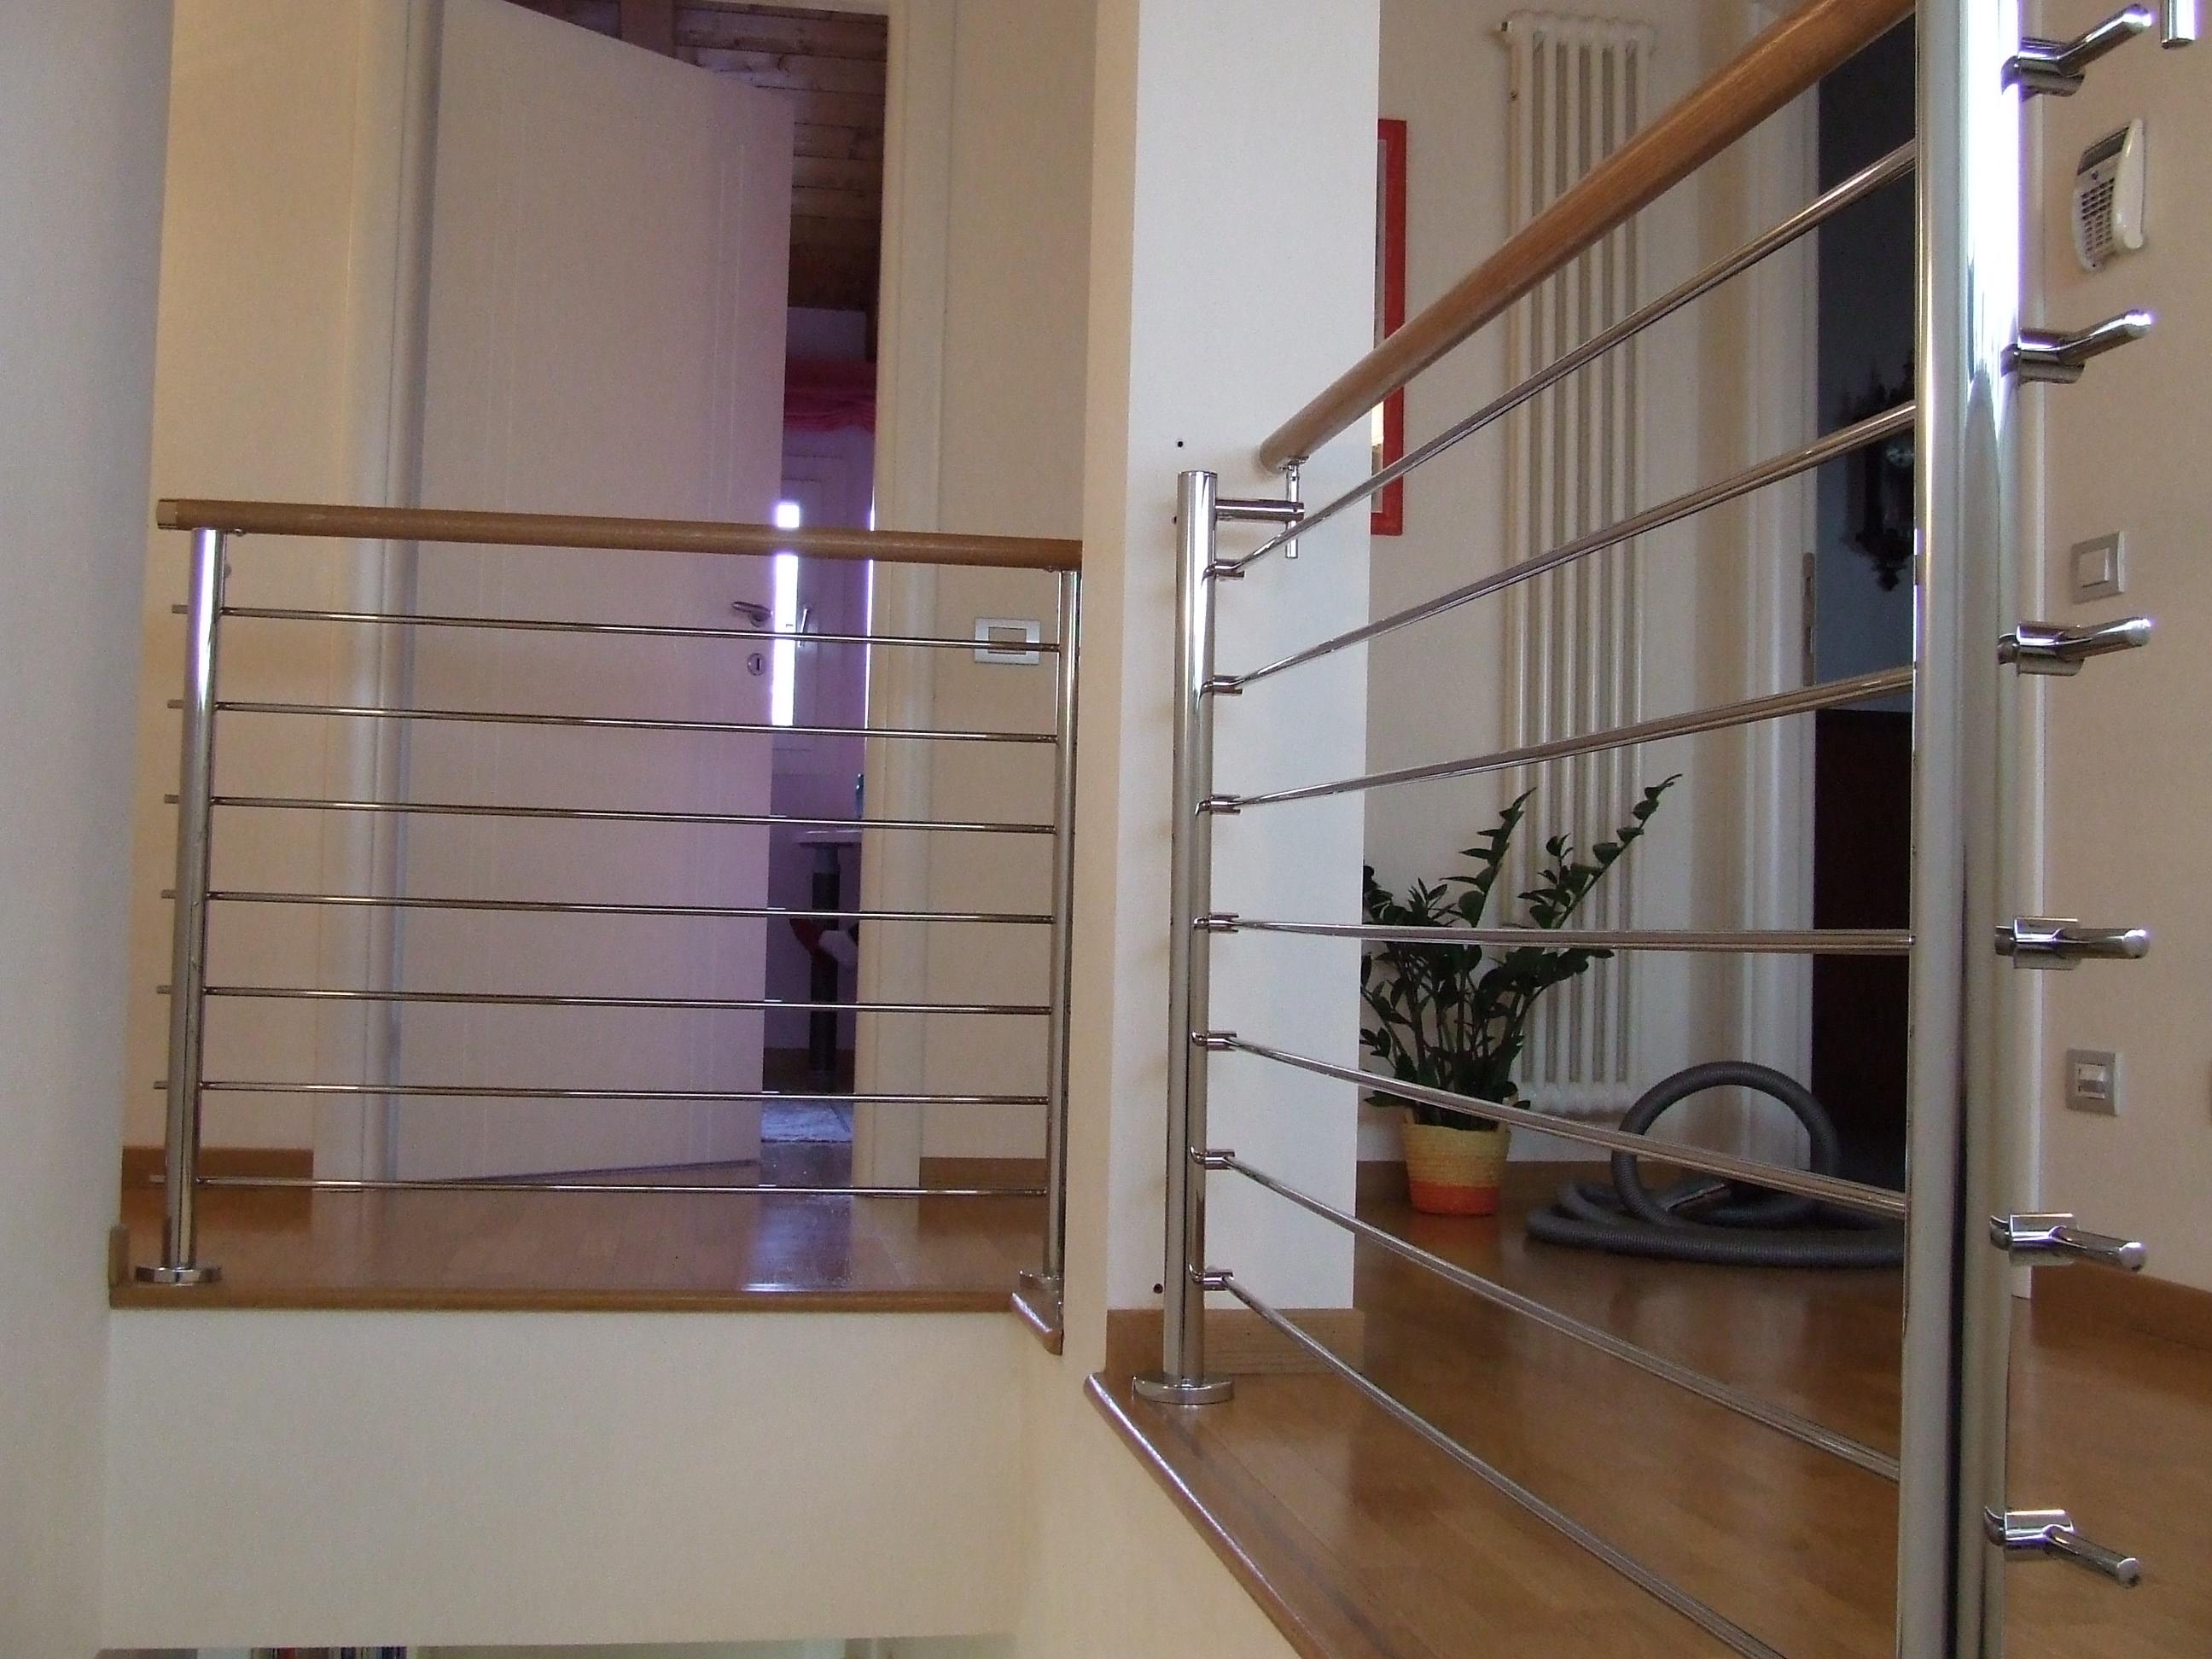 Immagini di ringhiere in ferro per scale in marmo - Ringhiere per finestre in ferro ...